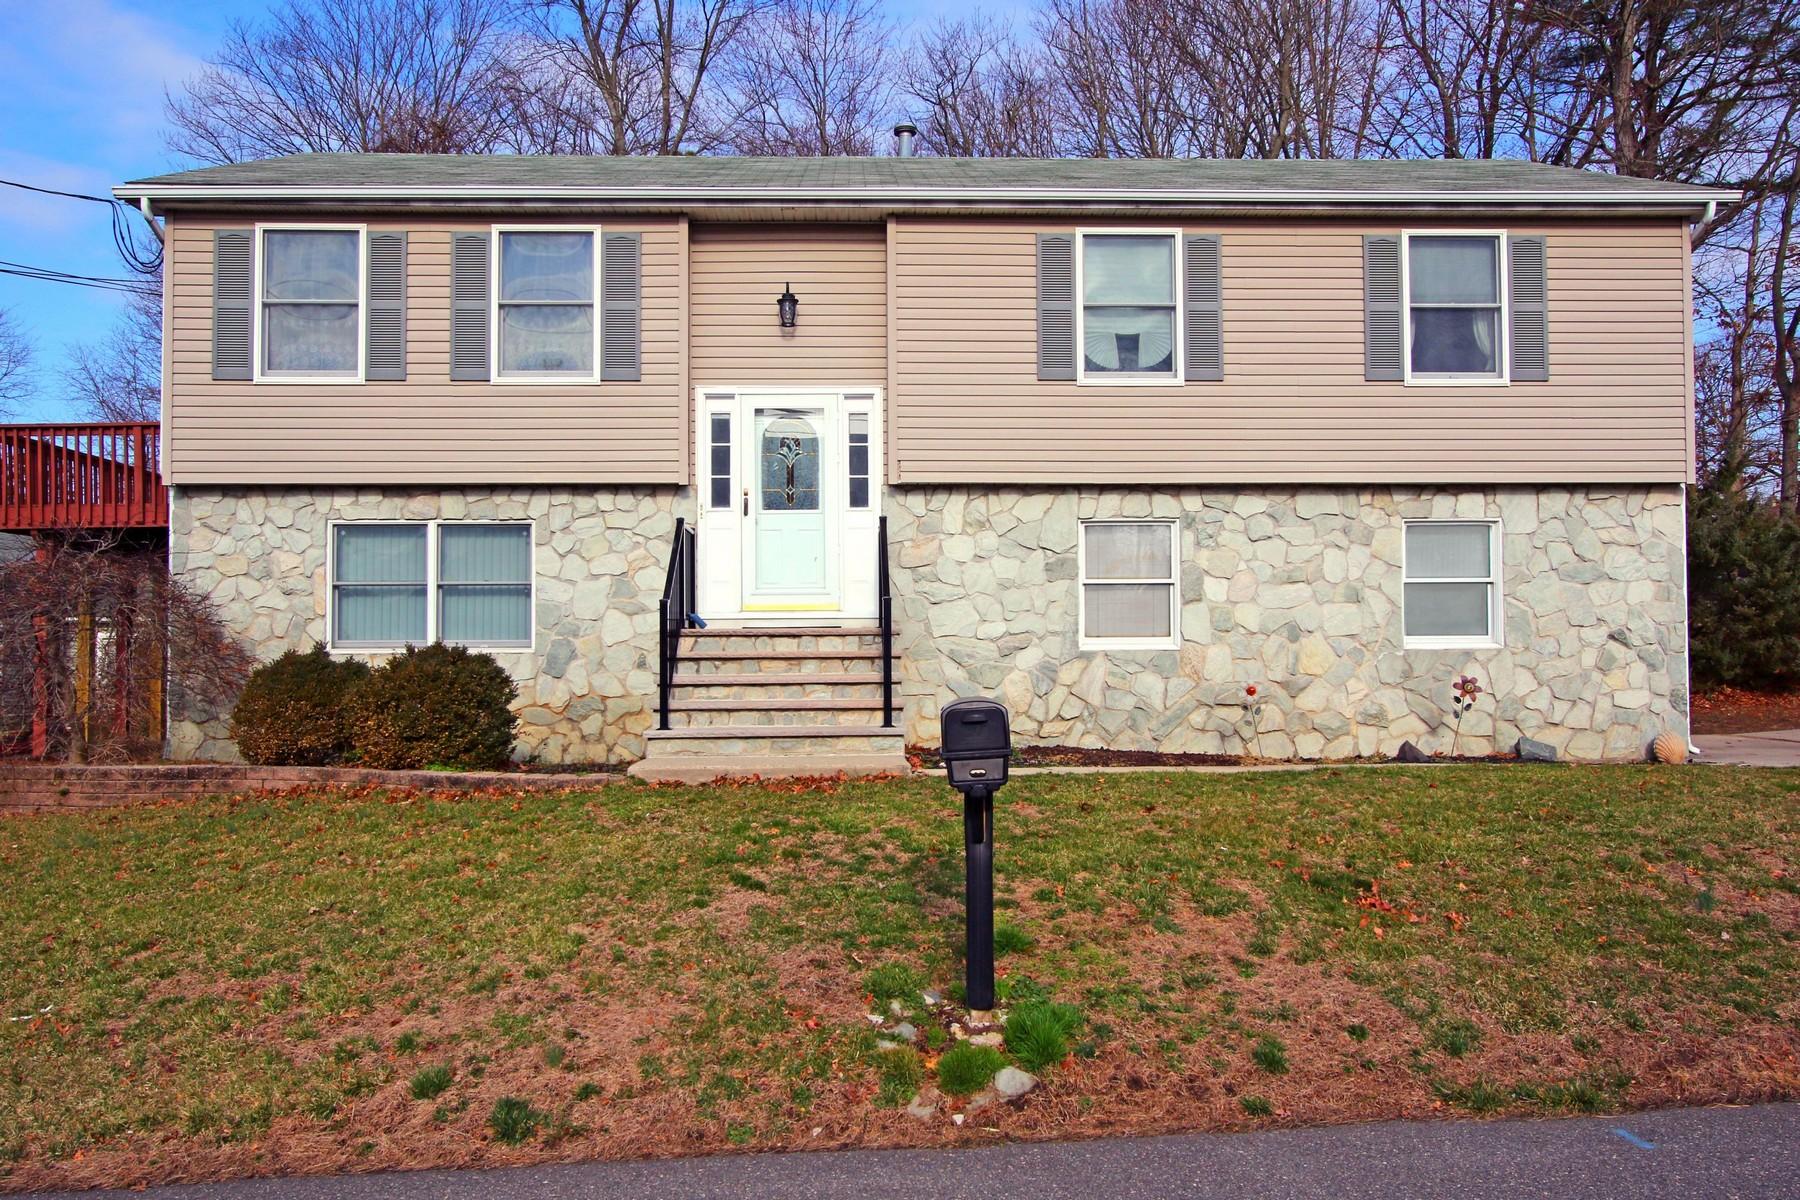 Villa per Vendita alle ore 2401 Lincoln Ave. Wall, New Jersey, 07719 Stati Uniti